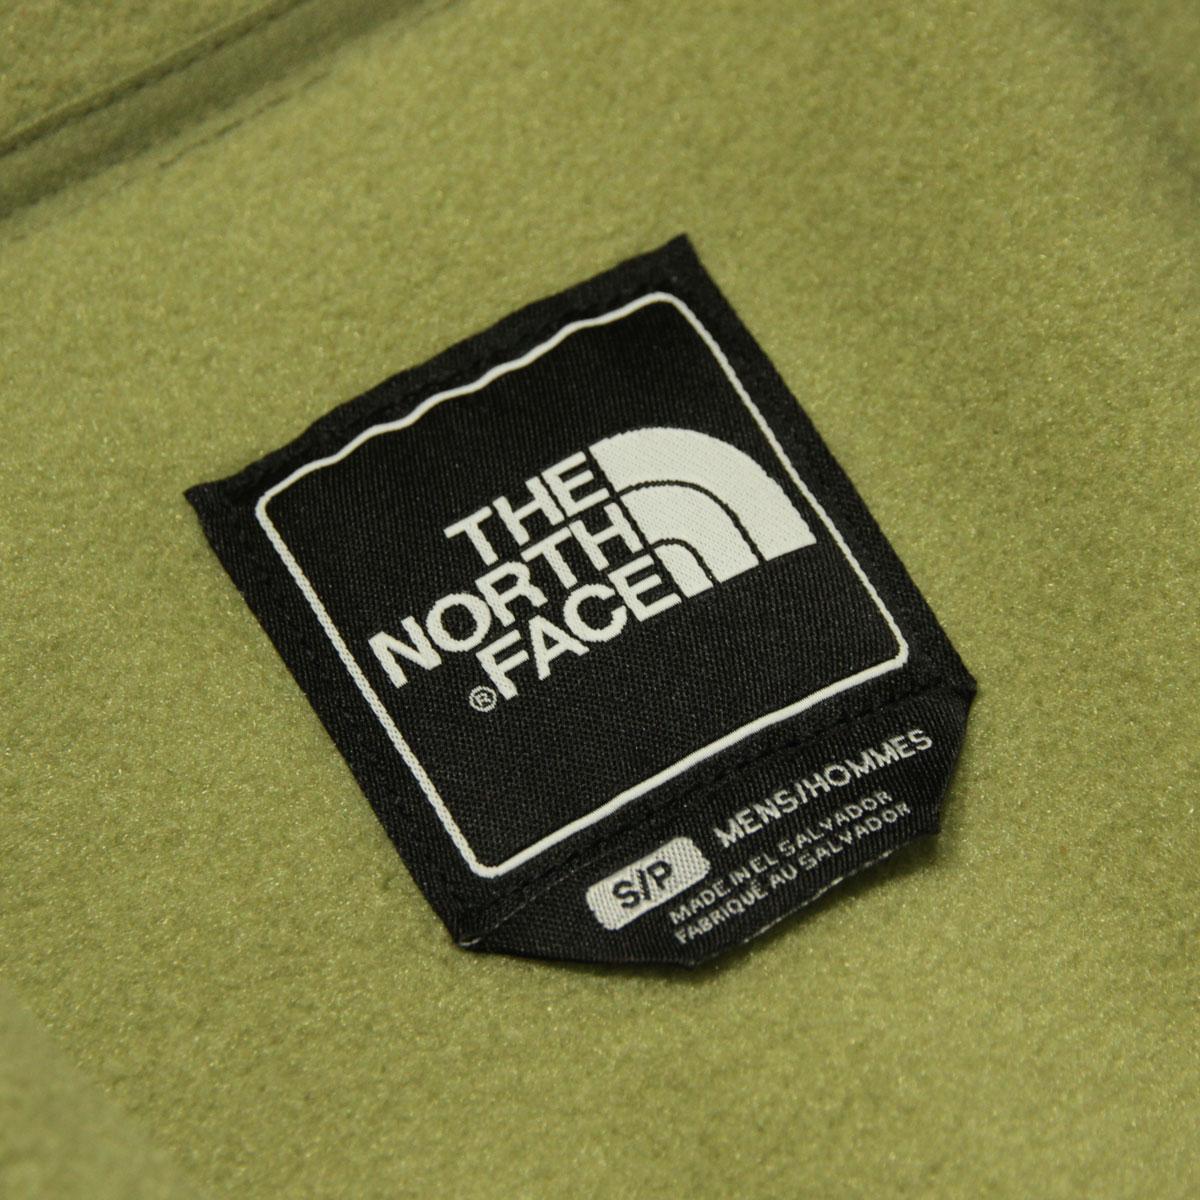 ノースフェイス ジャケット メンズ 正規品 THE NORTH FACE フリースジャケット アウター DENALI 2 FLEECE JACKET TUMBLEWEED GREEN/TNF BLACK A14B B1C C1D D4E E08F